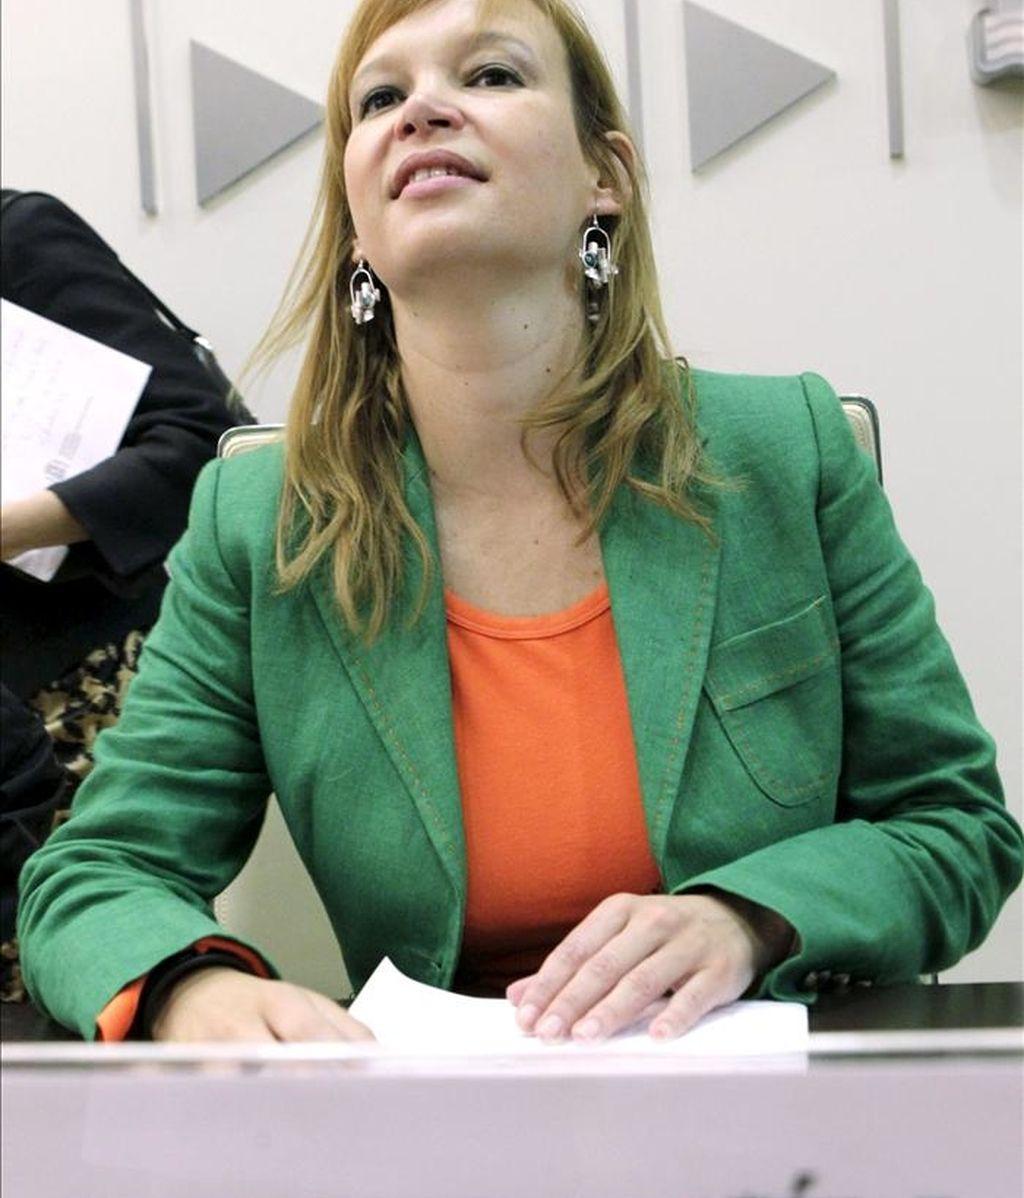 La ministra de Sanidad, Política Social e Igualdad, Leire Pajín. EFE/Archivo